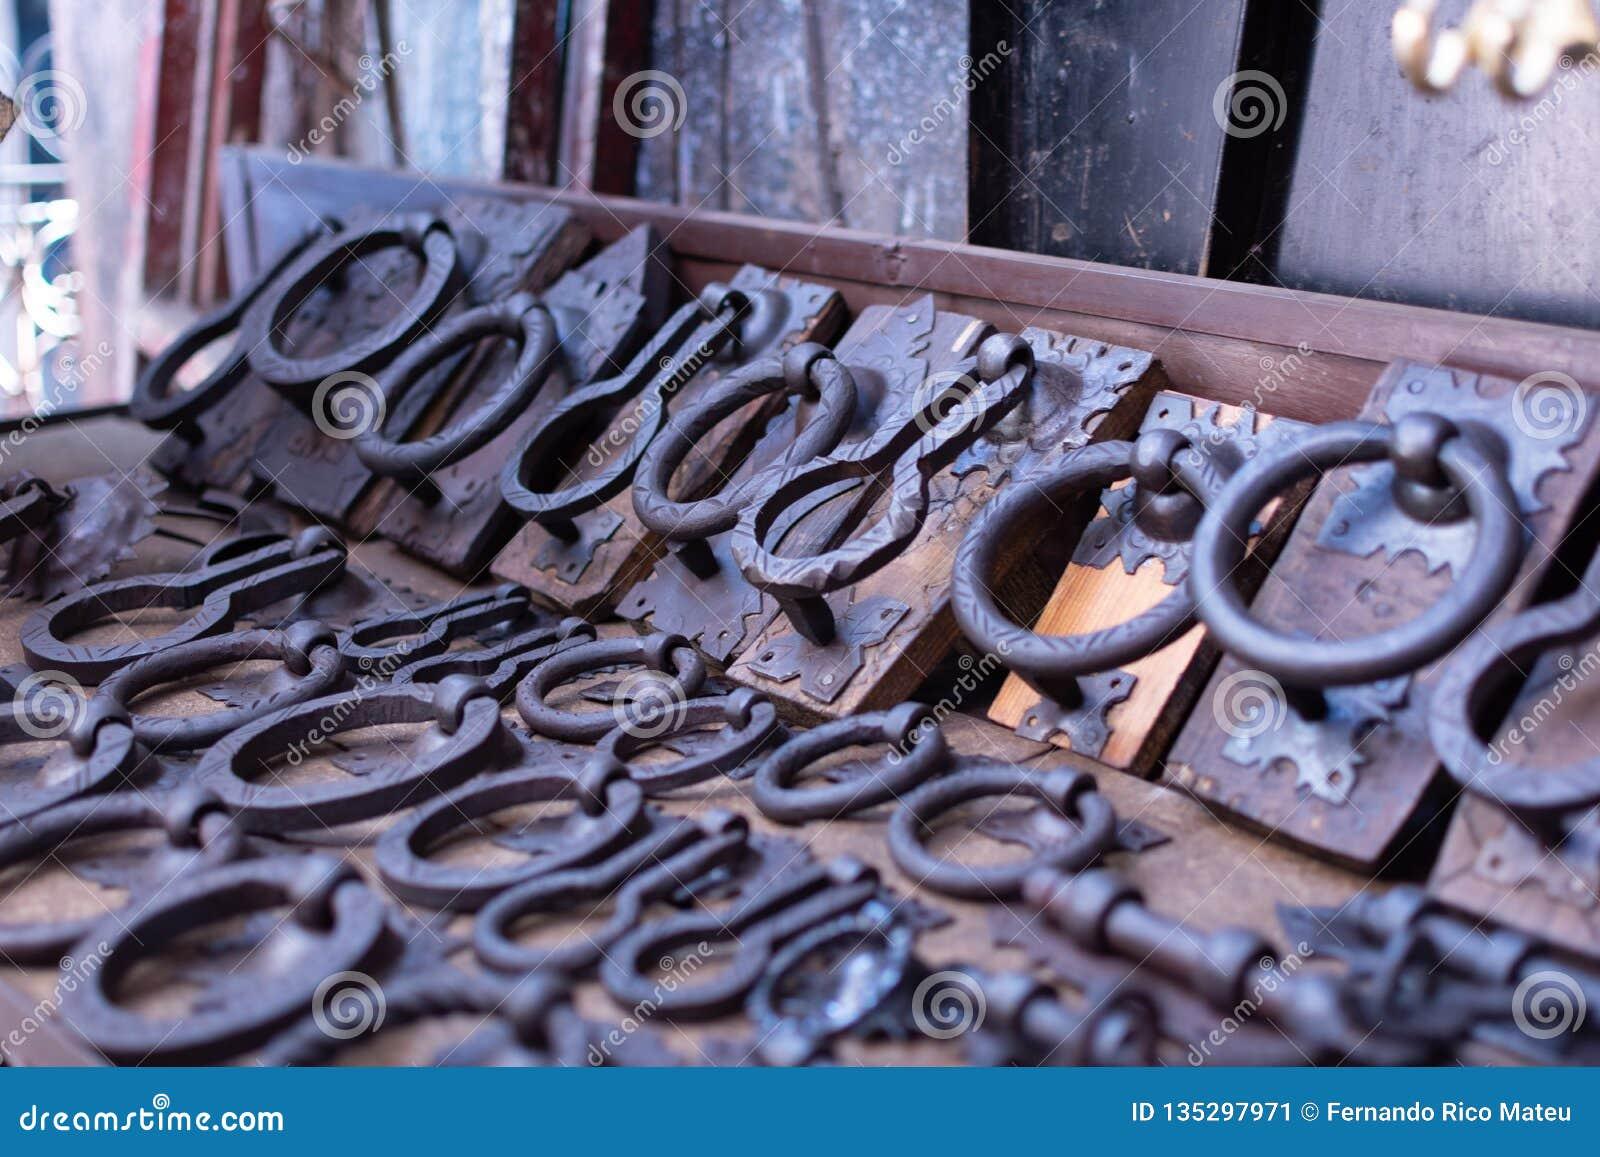 Oud uitstekend deurhandvat in verschillende vormen voor verkoop in markt in Marrakech, Marokko antiquiteit